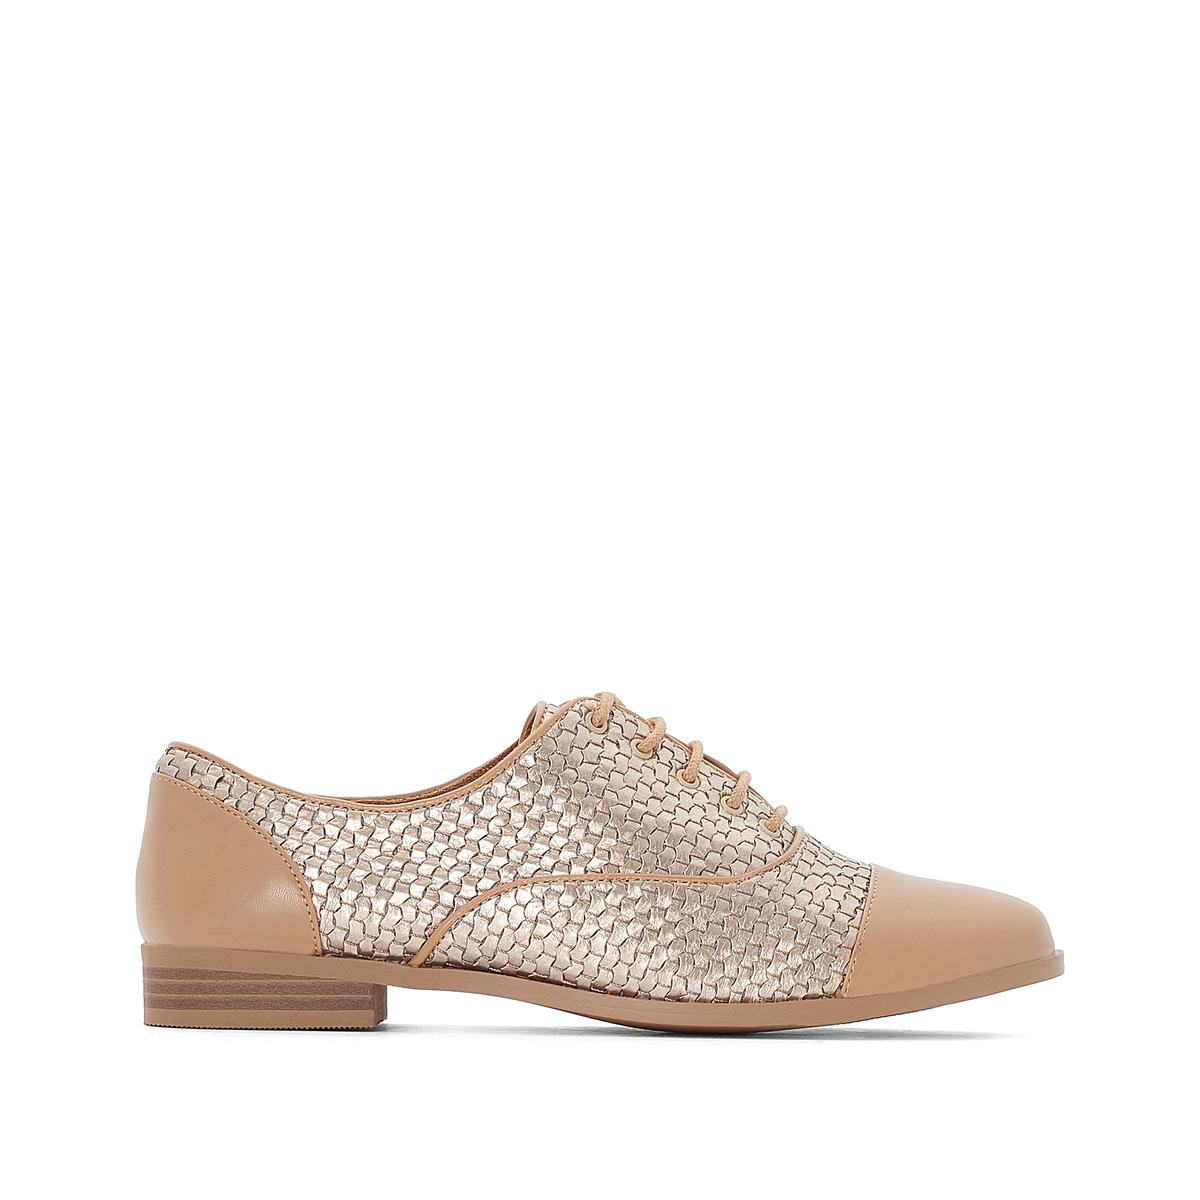 Ботинки-дерби на плоском каблуке с плетеным эффектом с металлическим блеском